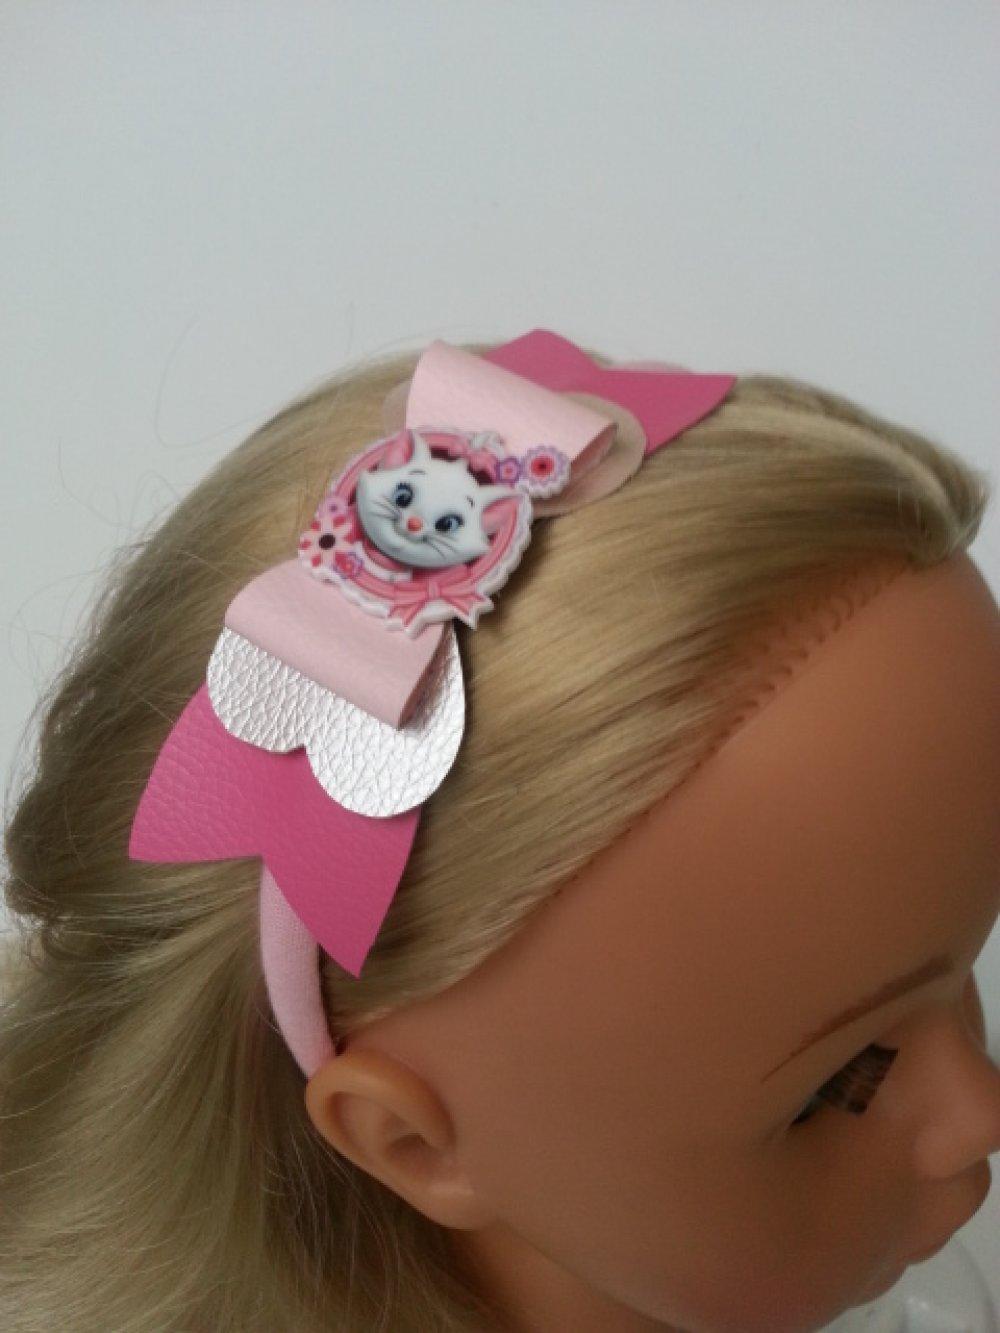 serre tête avec noeud simili cuir rose et gris cabochon marie aristochat